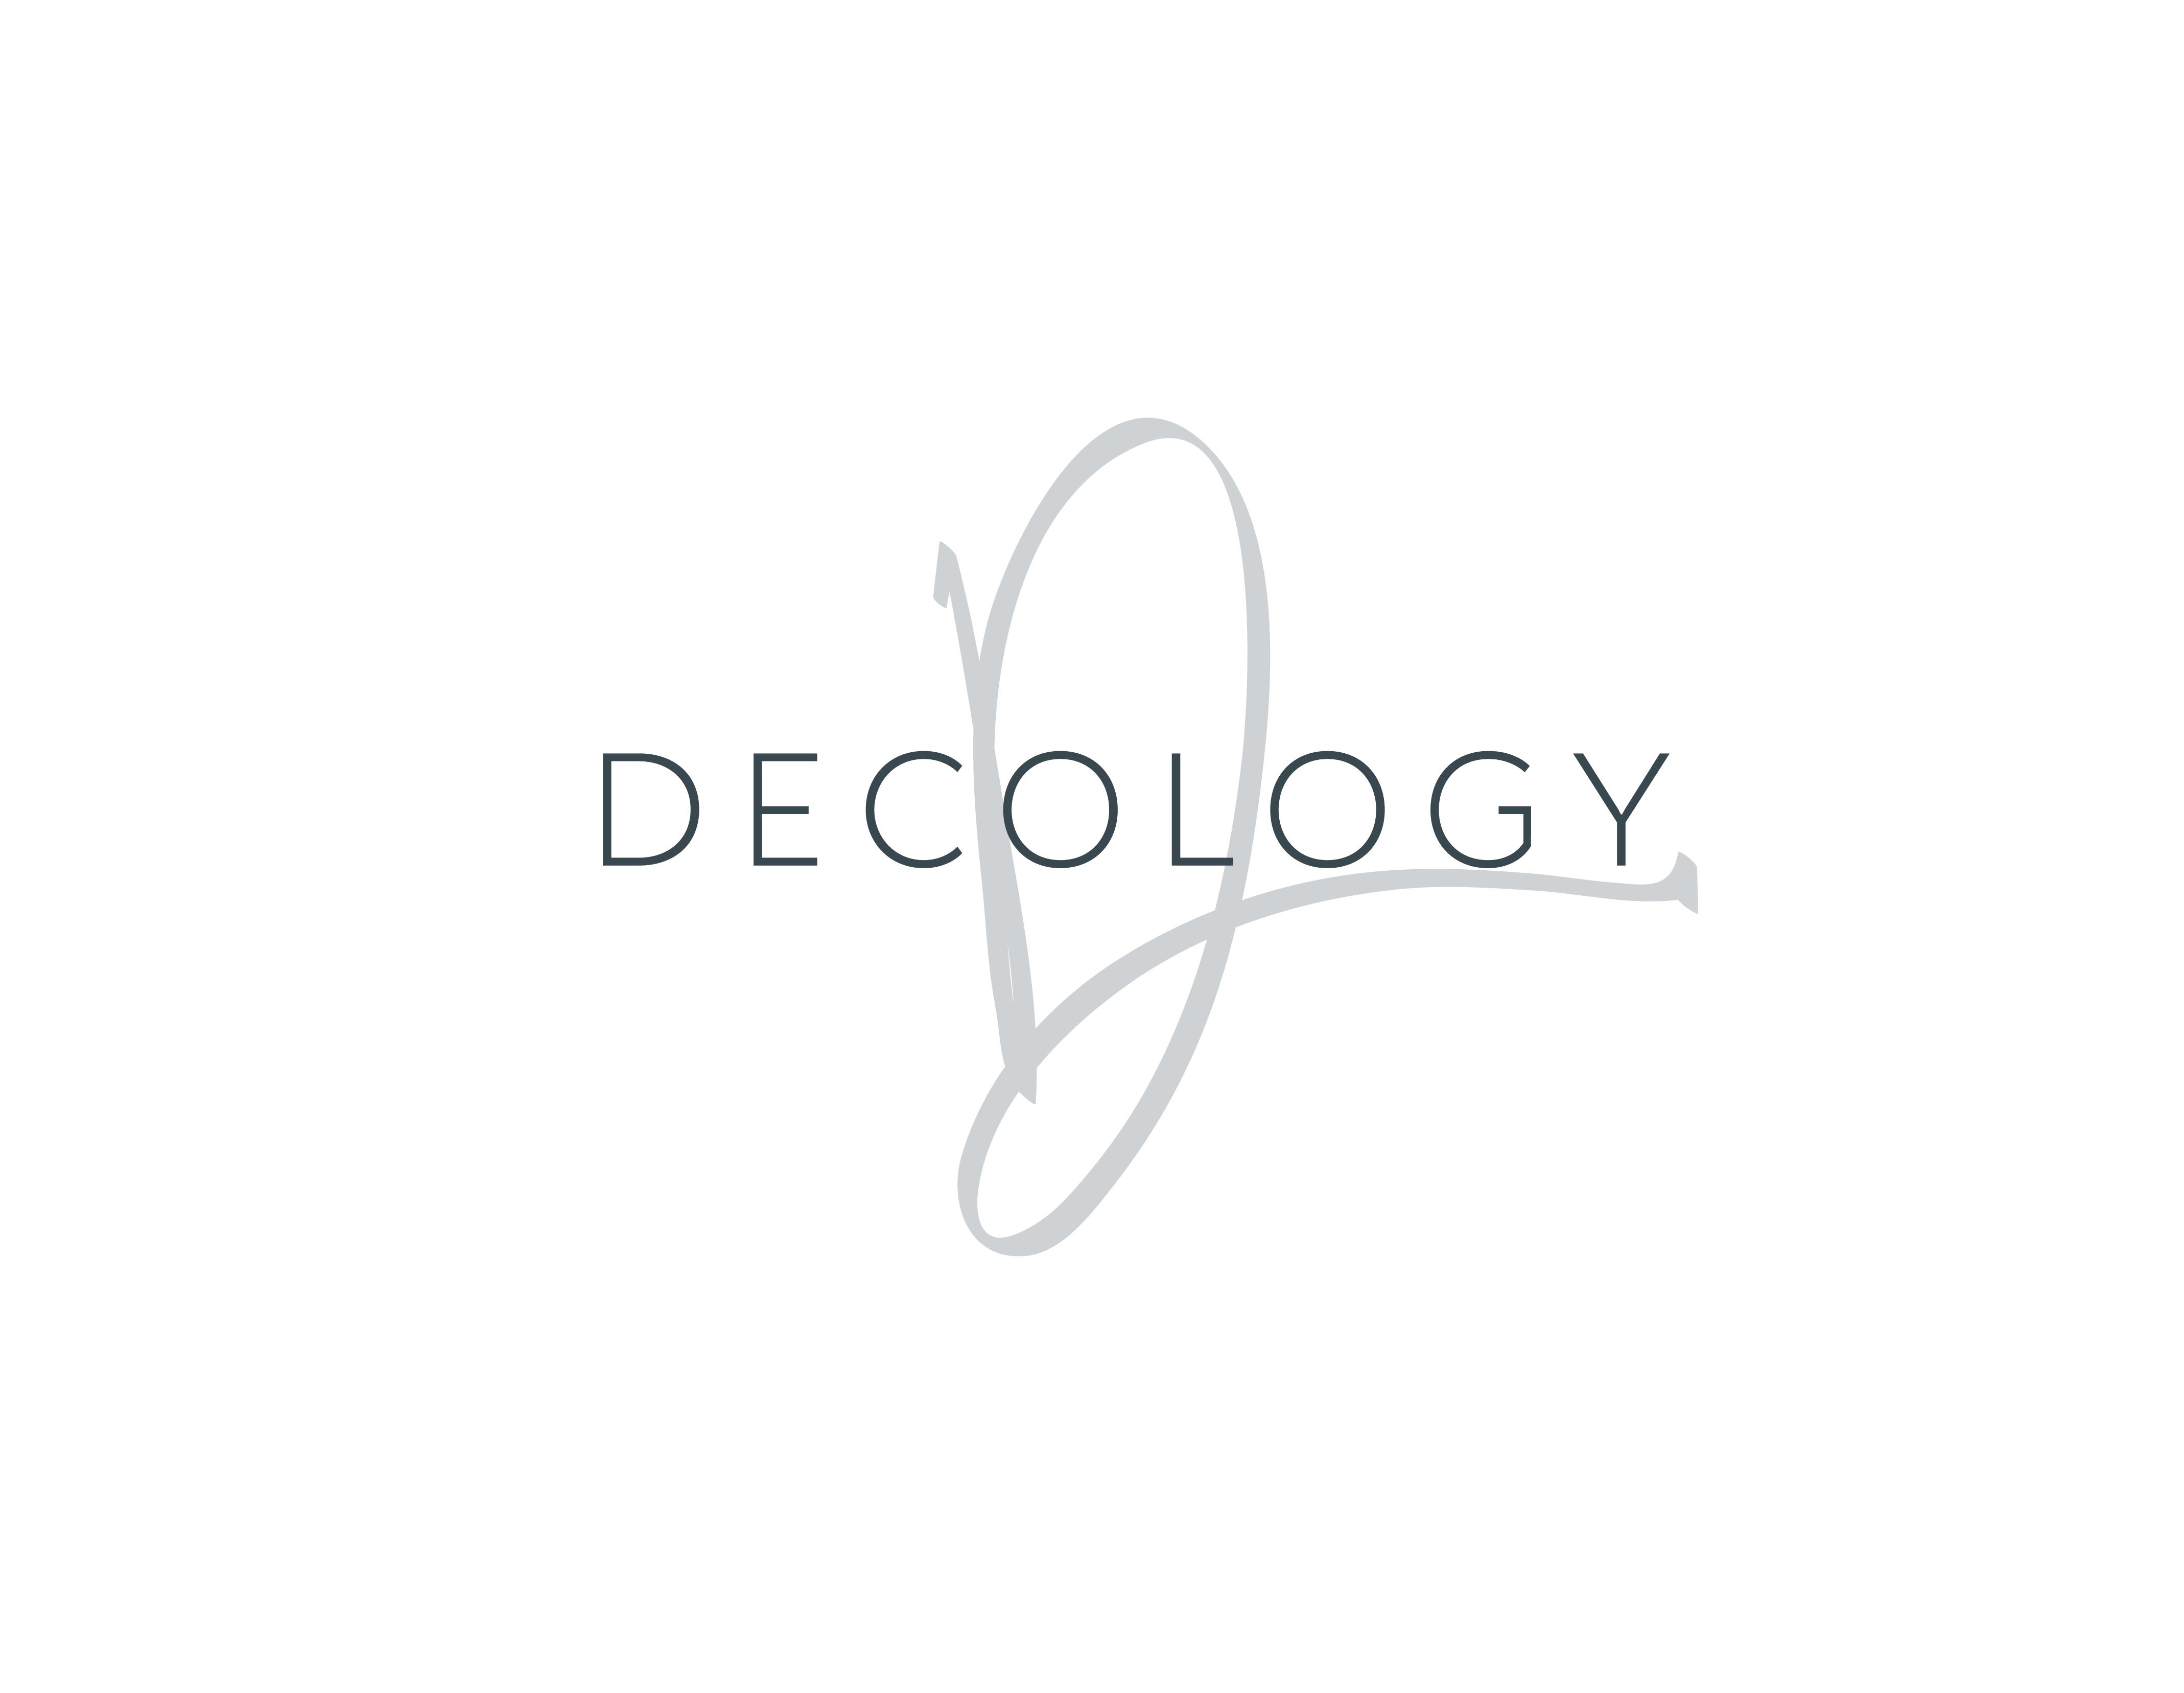 Decology